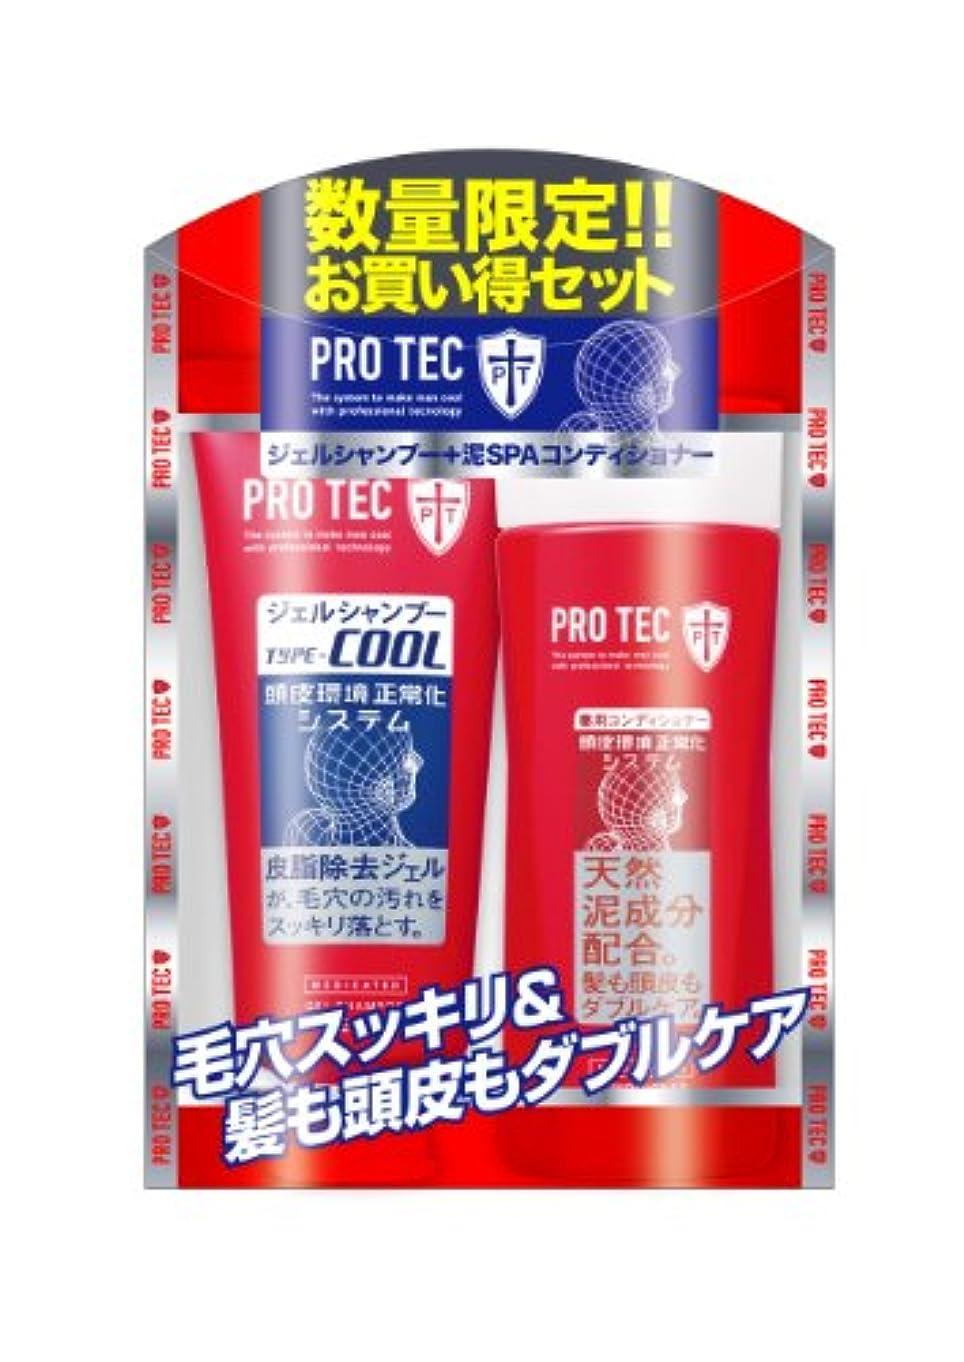 浸す必要性兵器庫PRO TEC ジェルシャンプーTYPE-COOL+泥SPAコンディショナー限定セット